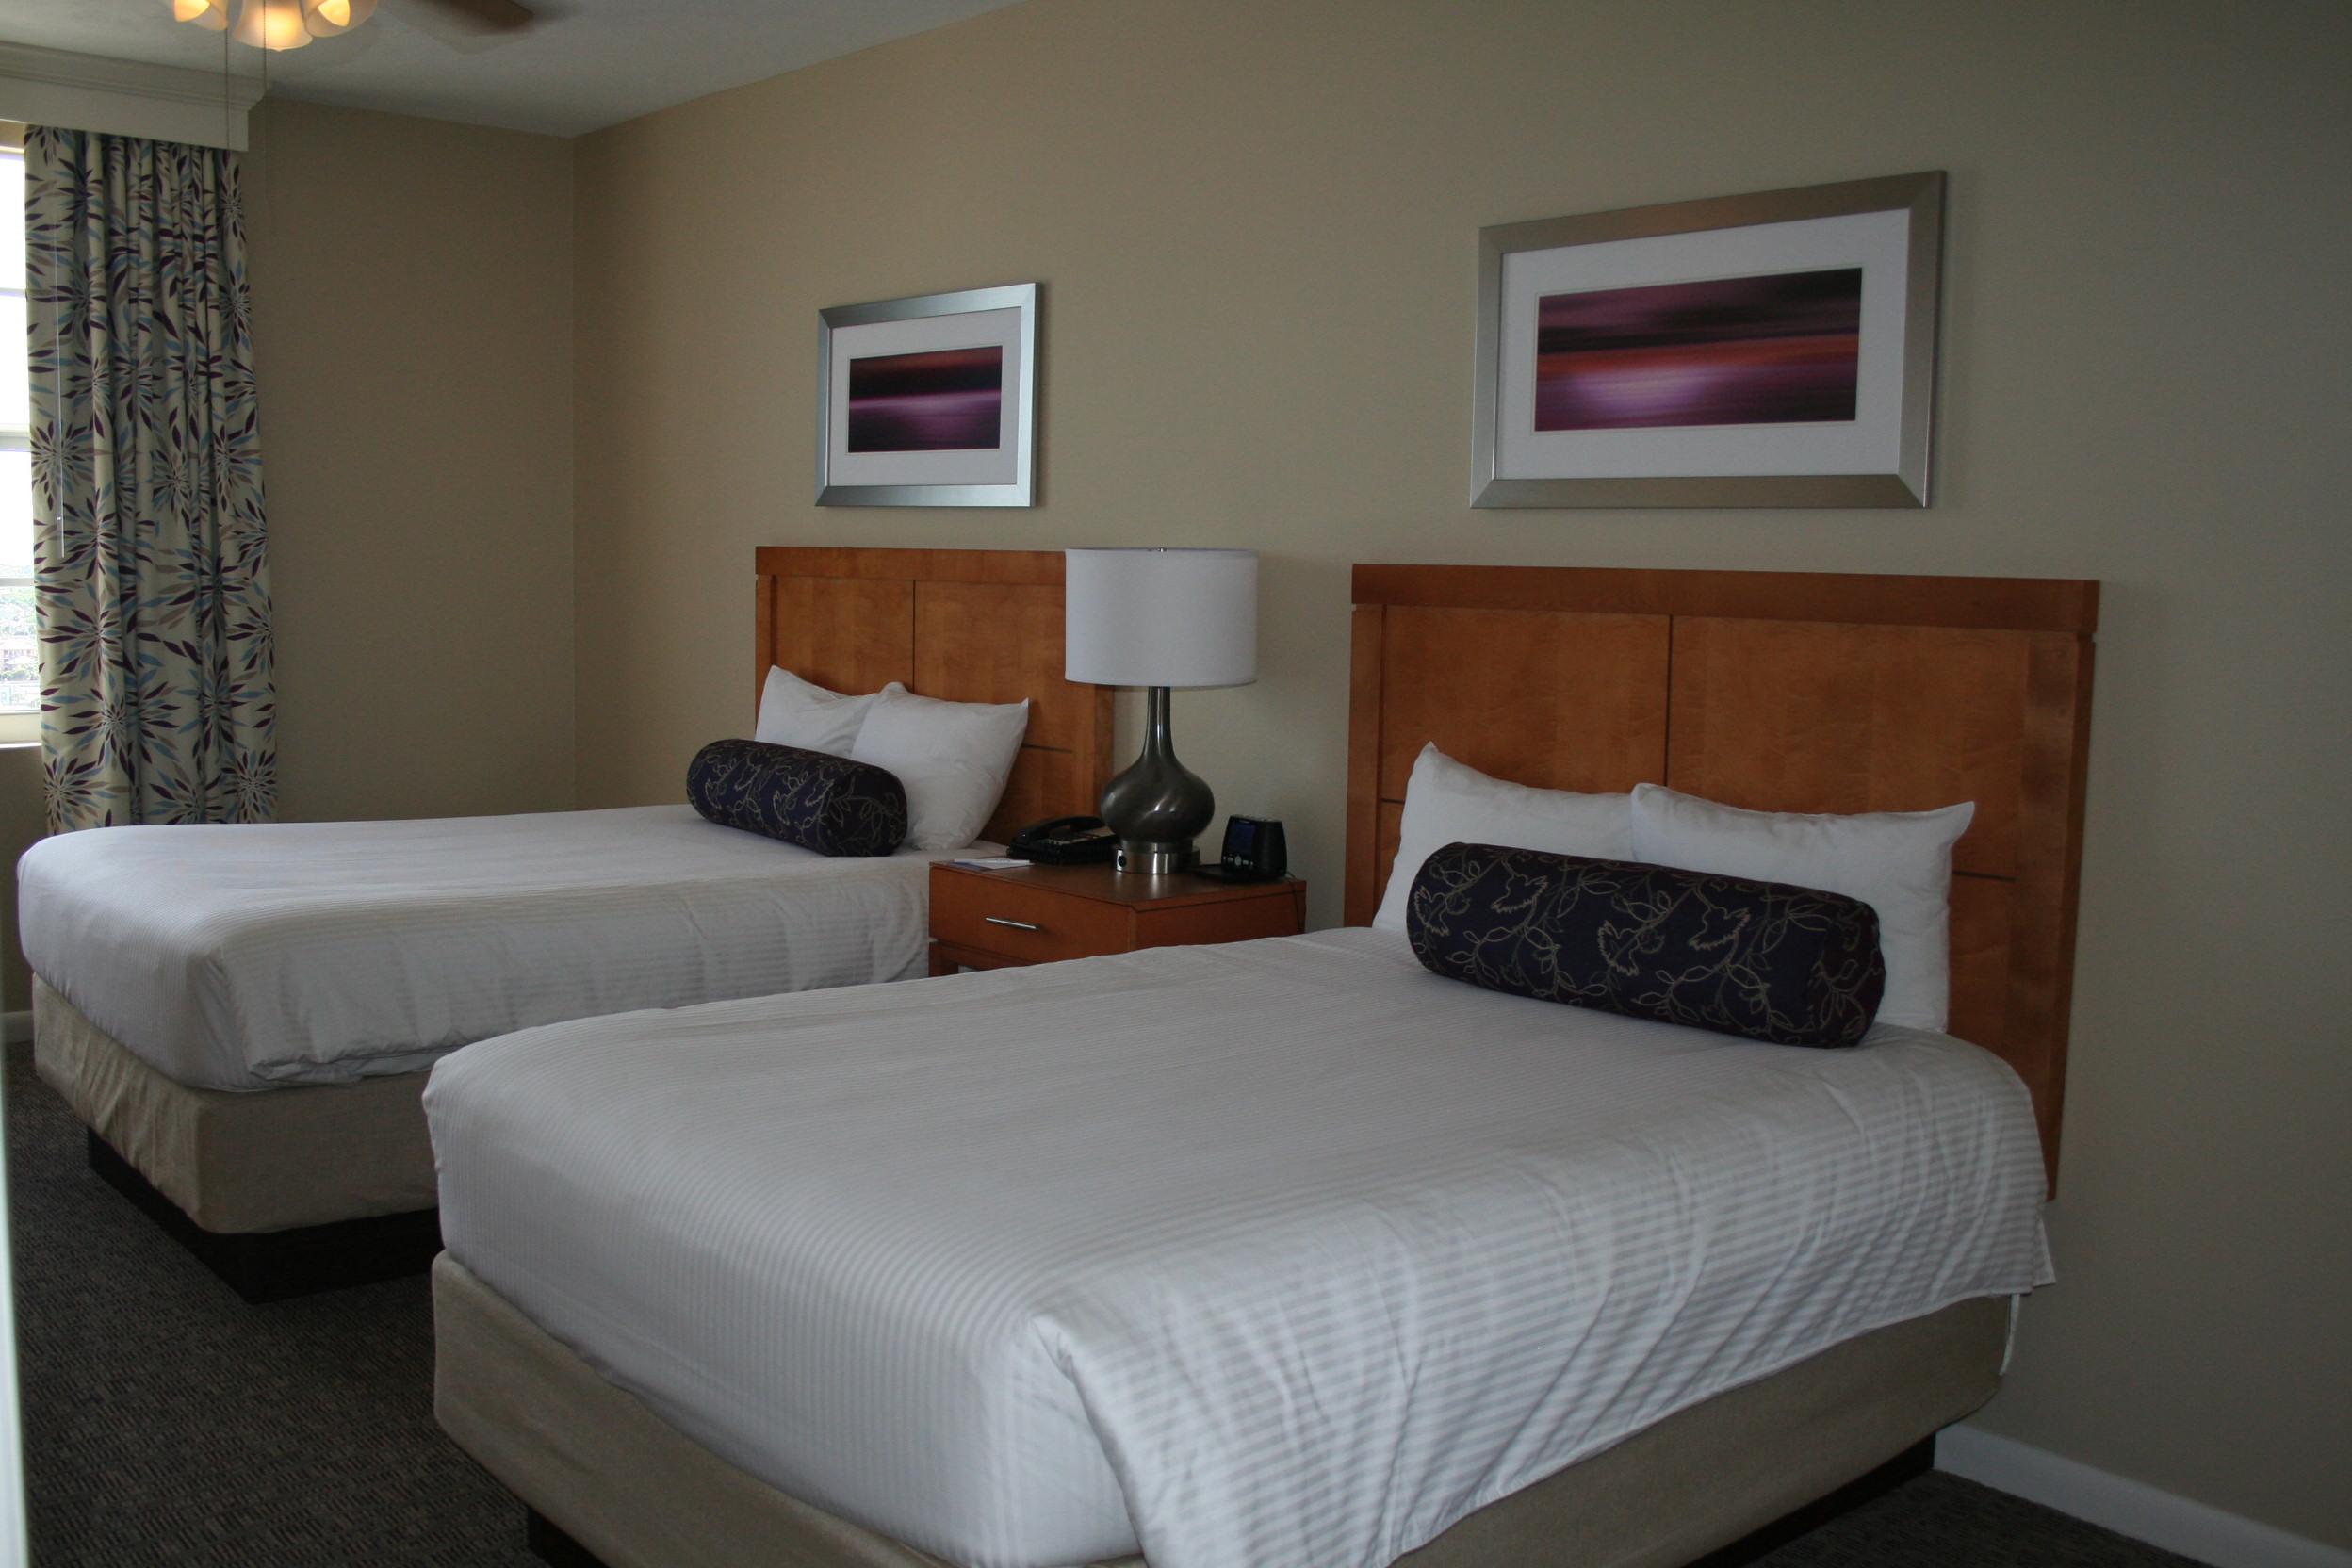 Wyndham Timeshare 2 Bedroom Deluxe